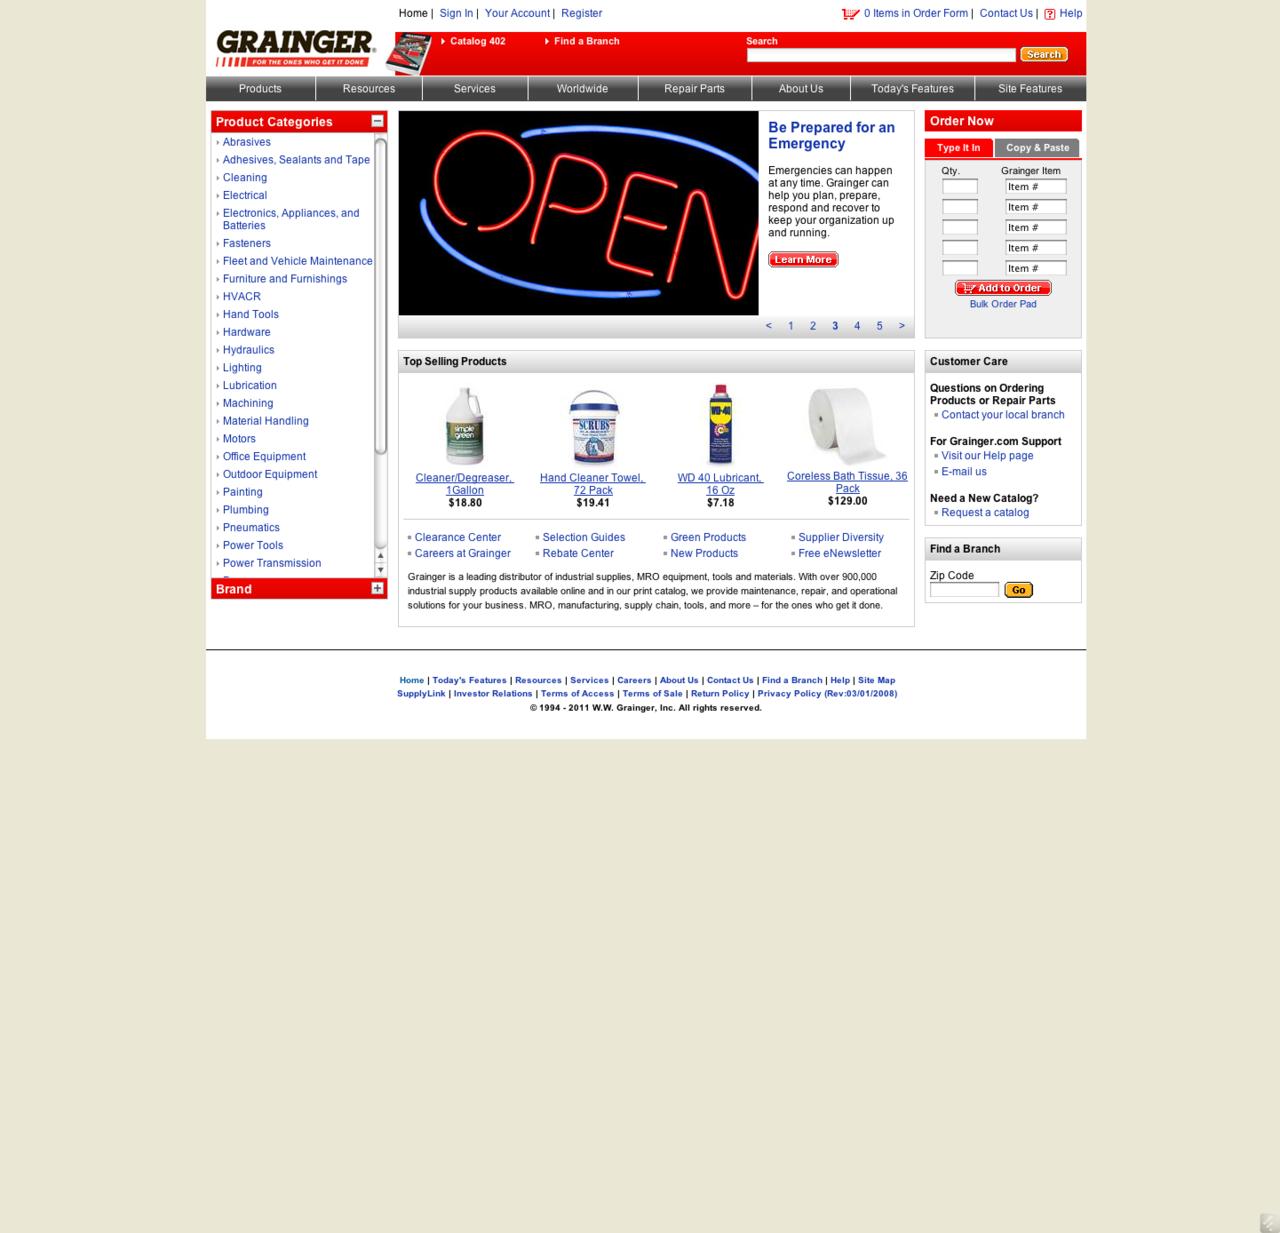 www.grainger.com